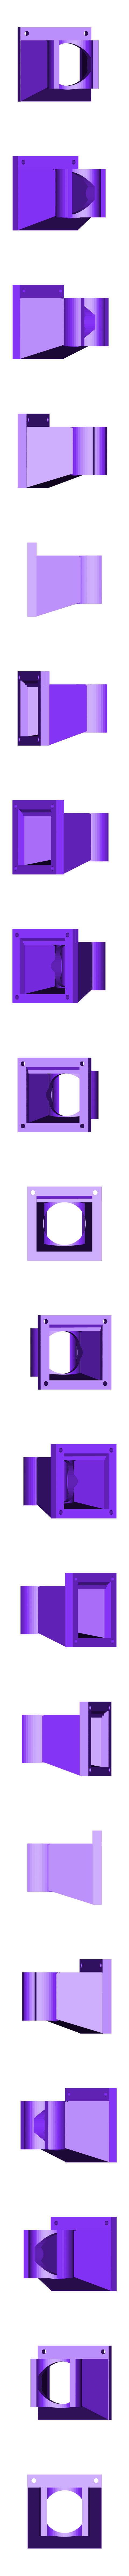 Smart_Effector_40mm_Fan_Adapter.stl Download free STL file 40mm Fan Adaptor For Smart Effector • 3D printable object, gaza07